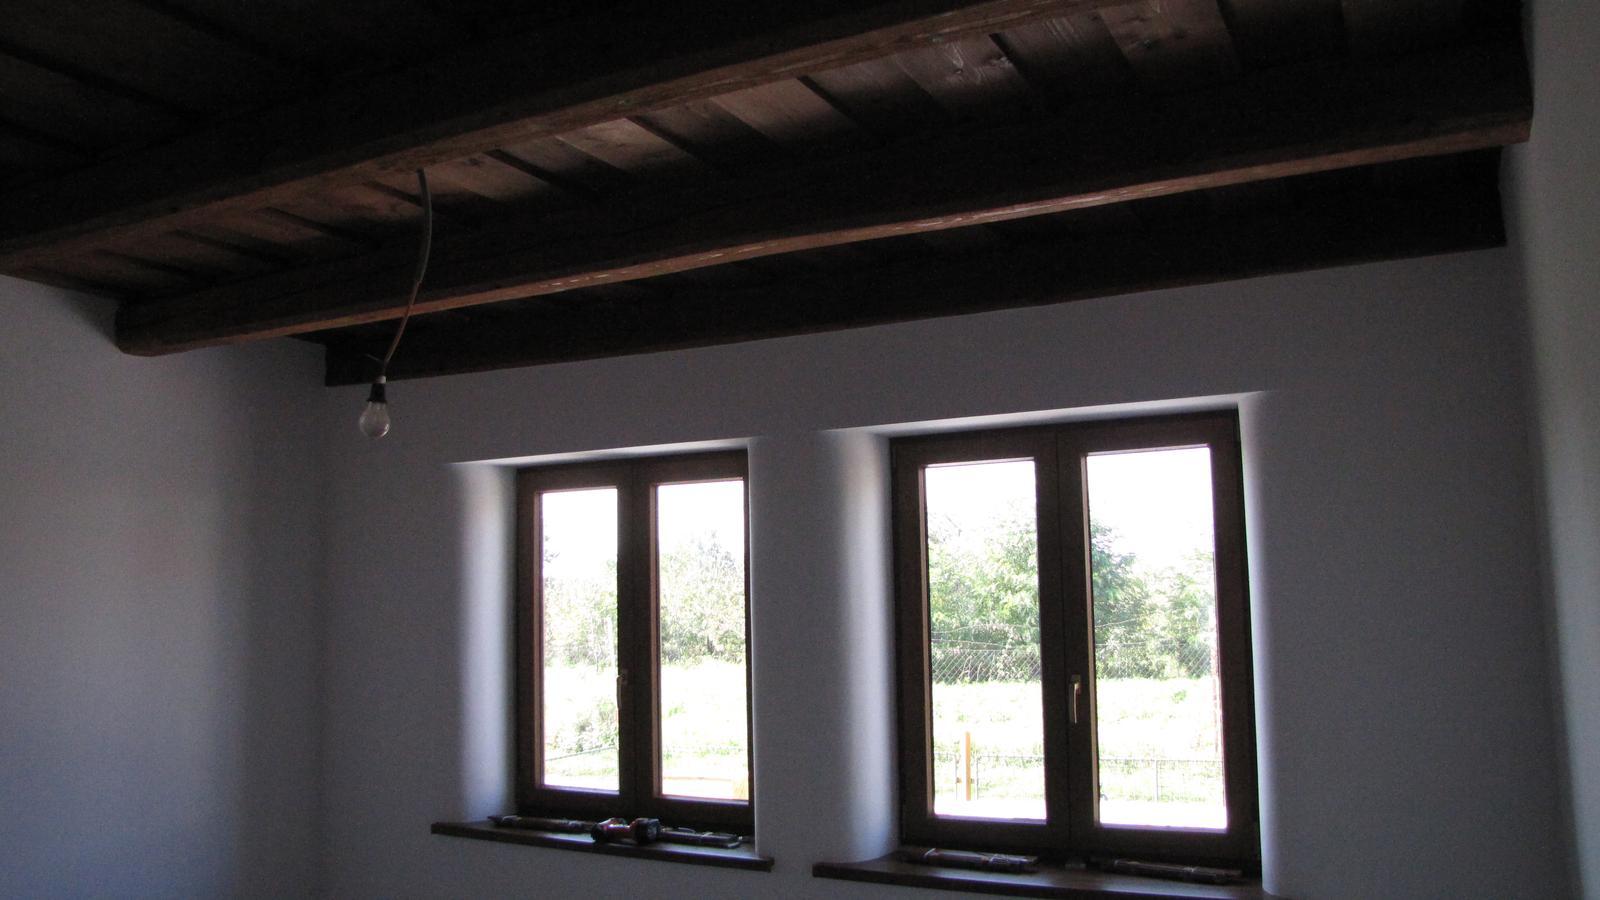 Rekonštrukcia starého domčeka - Strop sa mi vydaril max sokojnosť.